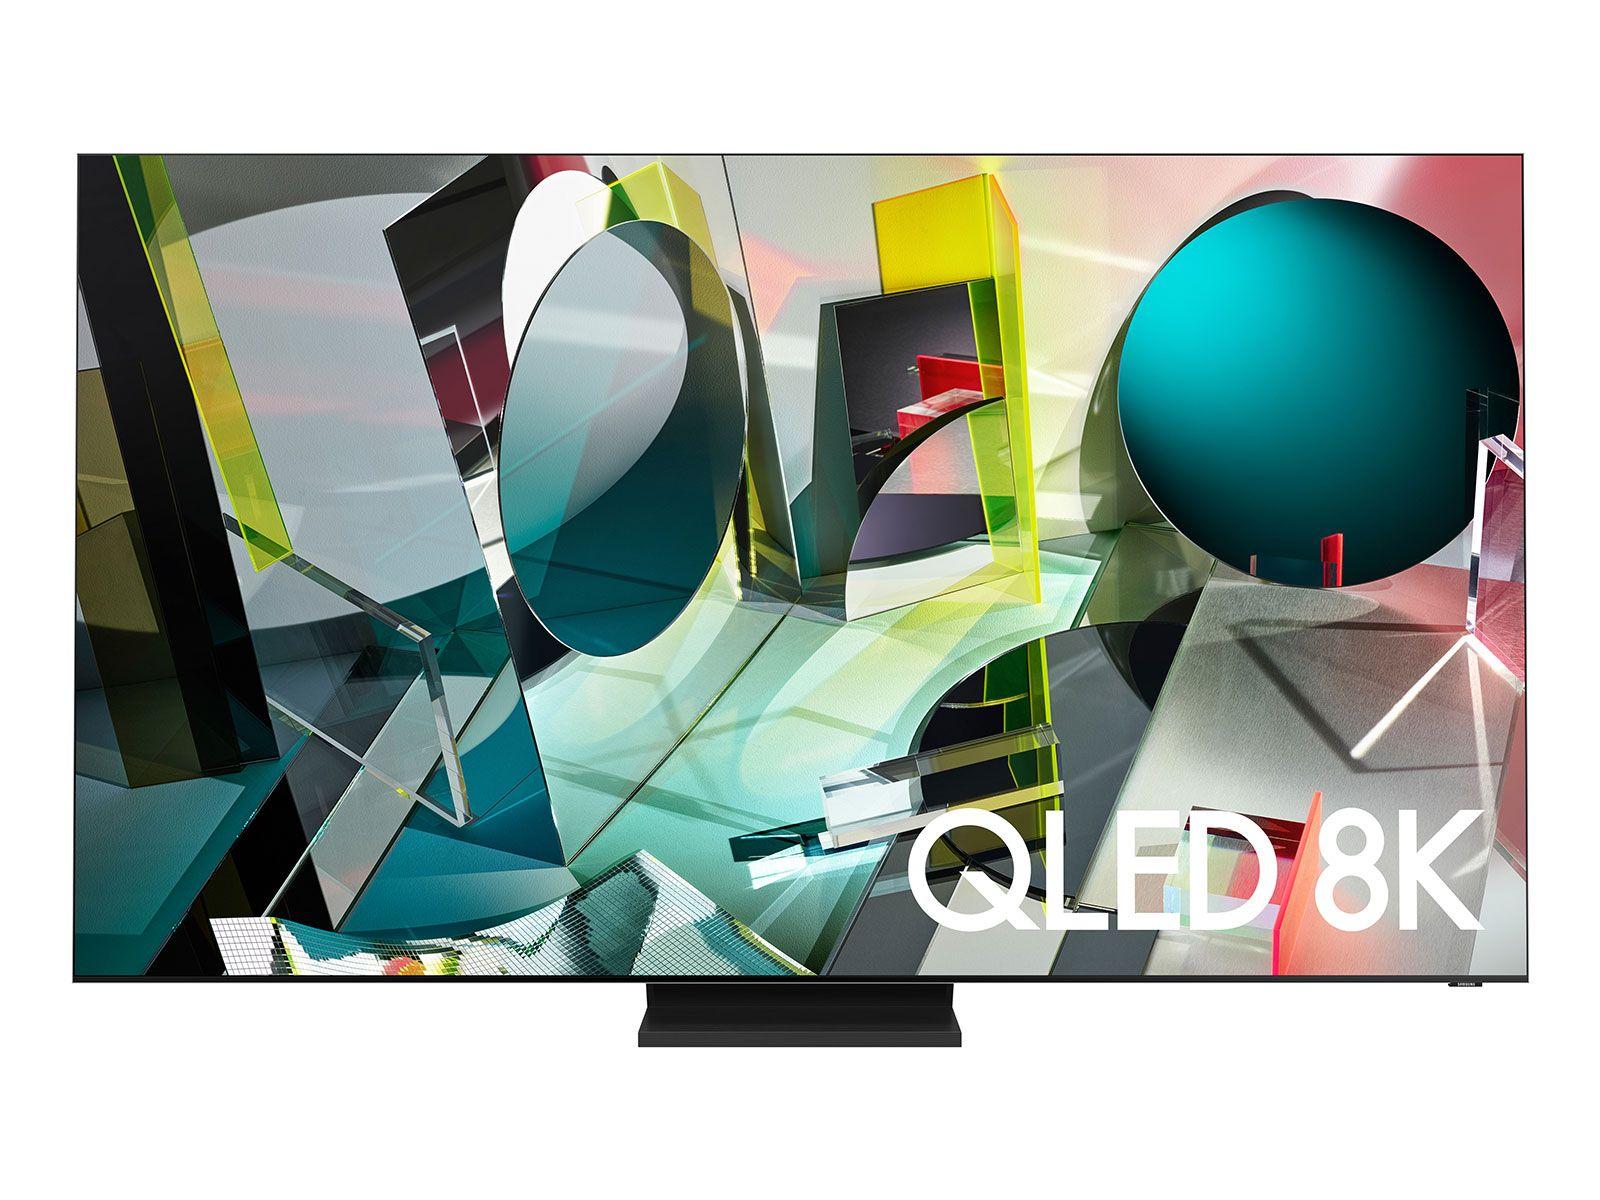 85 Class Q900ts Qled 8k Uhd Hdr Smart Tv 2020 Qn85q900tsfxza Samsung Us In 2020 Smart Tv Samsung Samsung Smart Tv